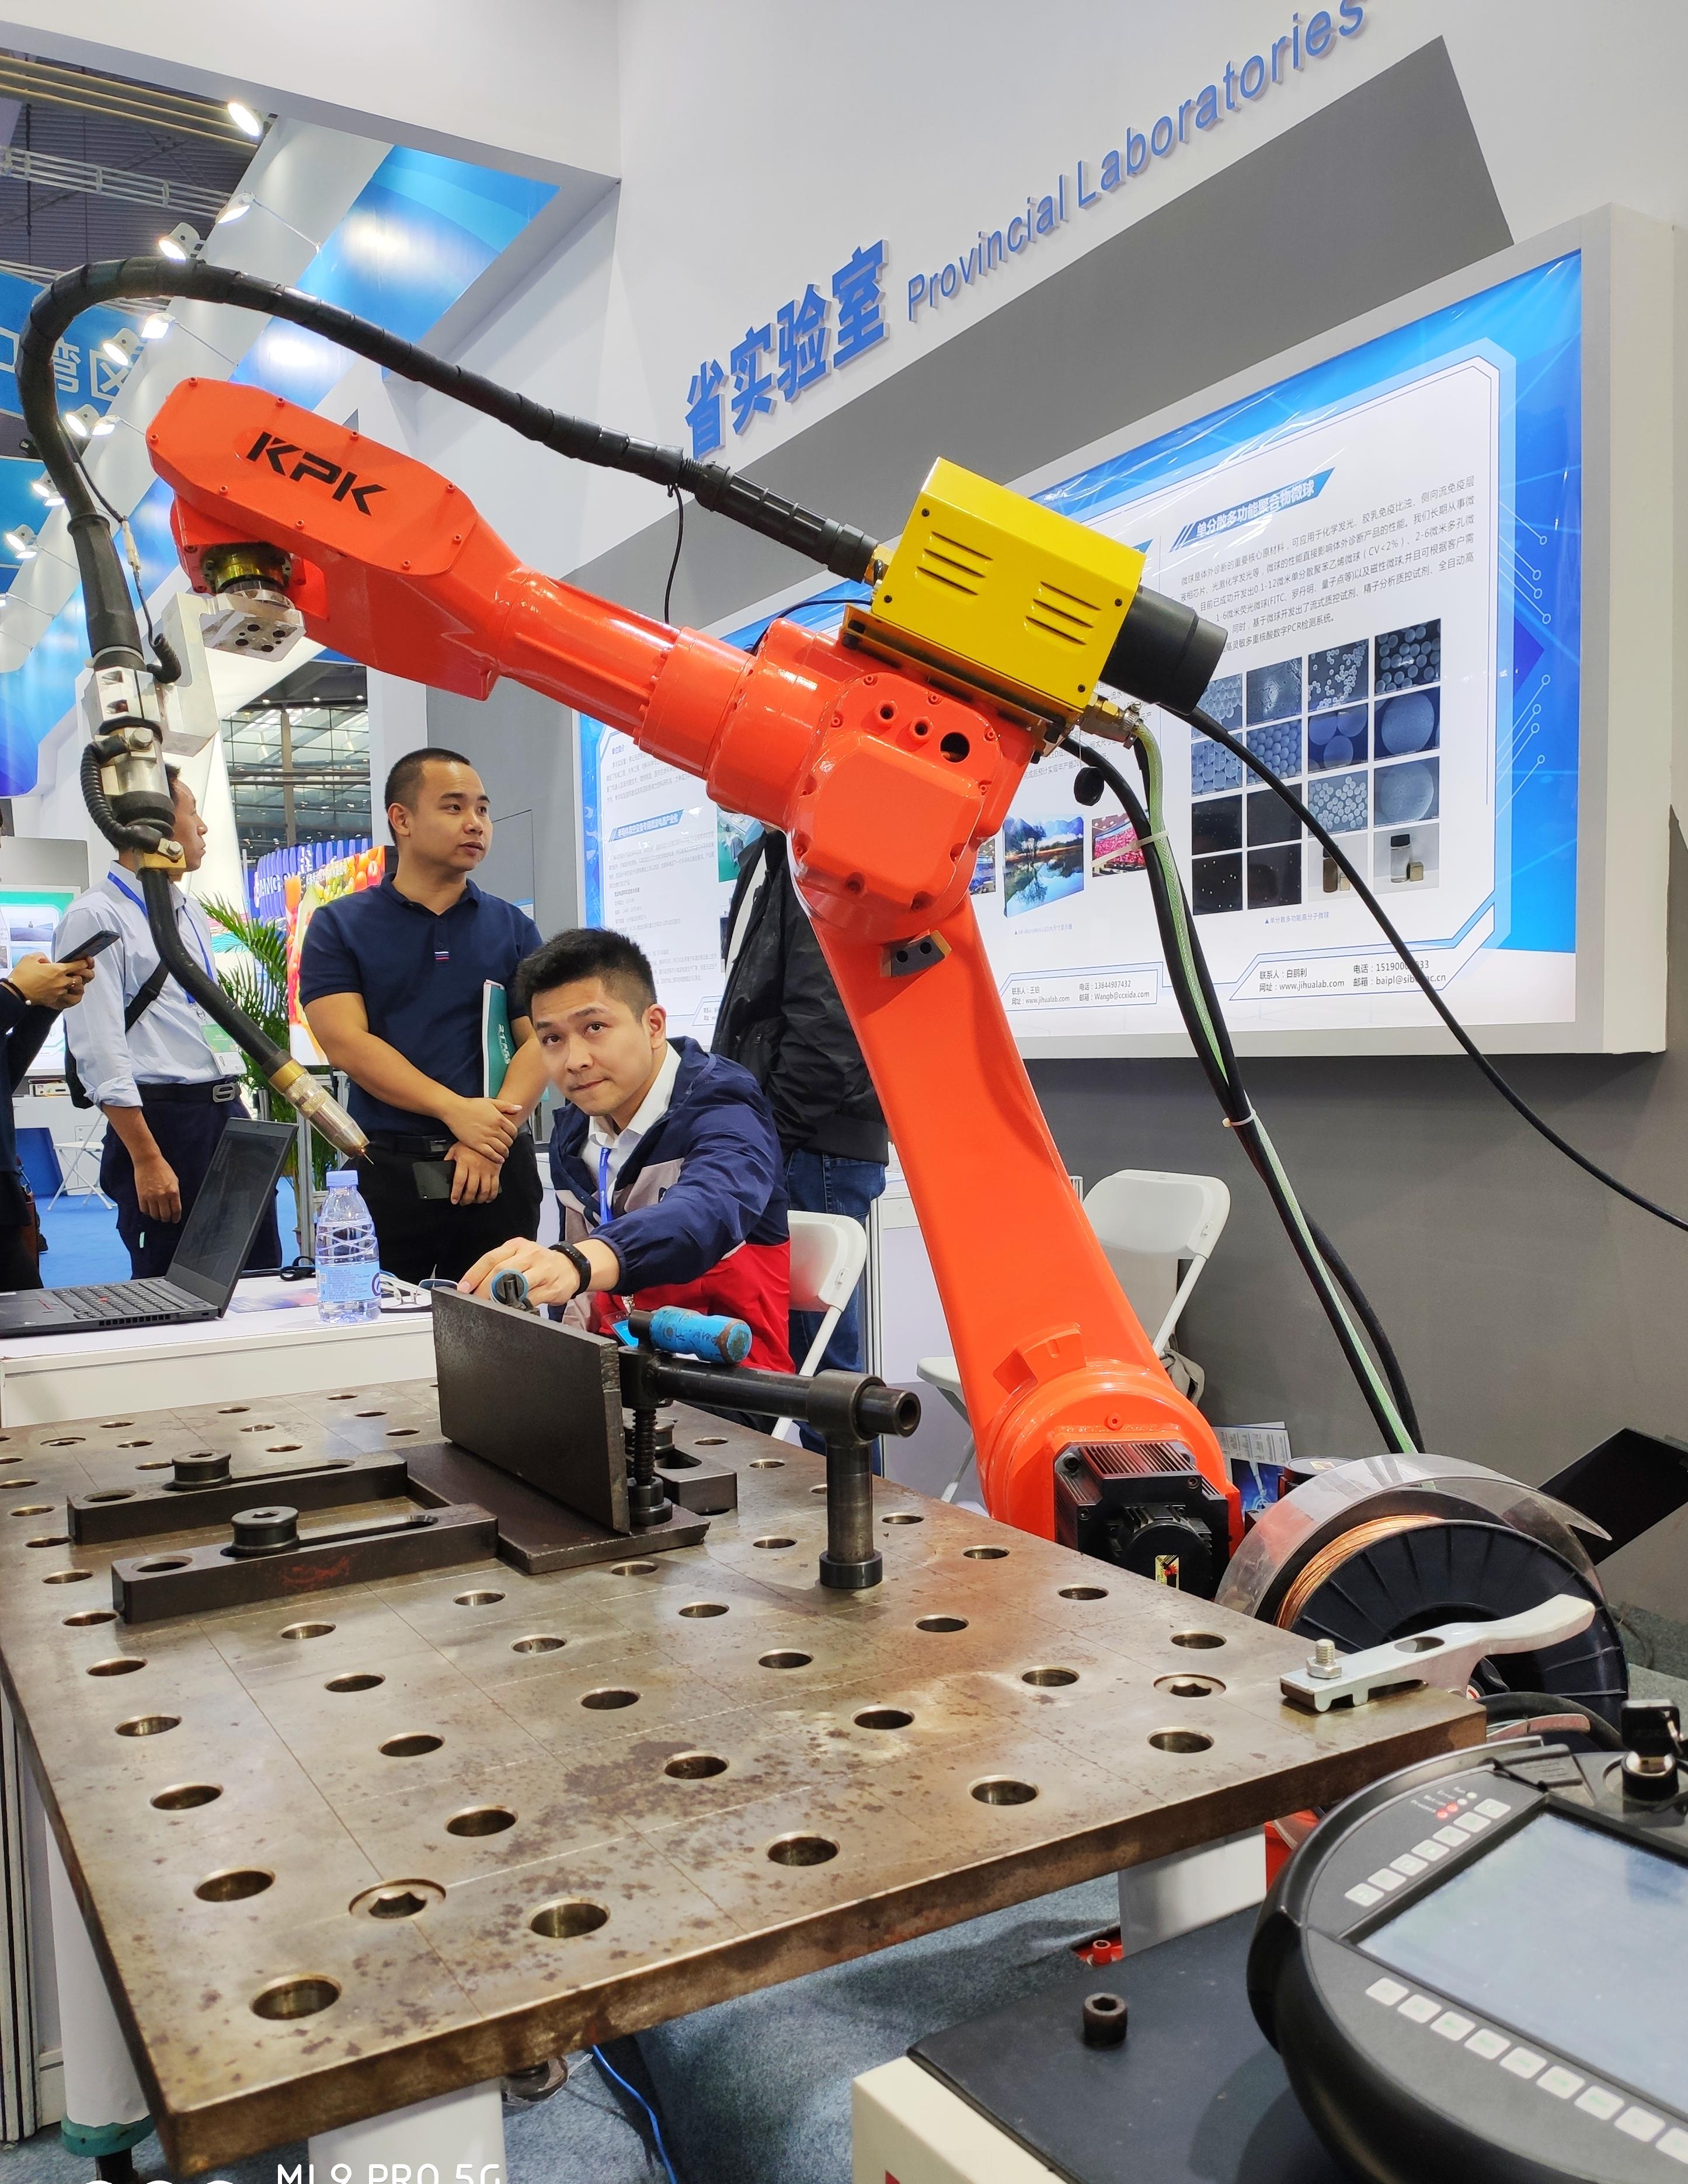 高交会展示前沿科技为中国制造赋能